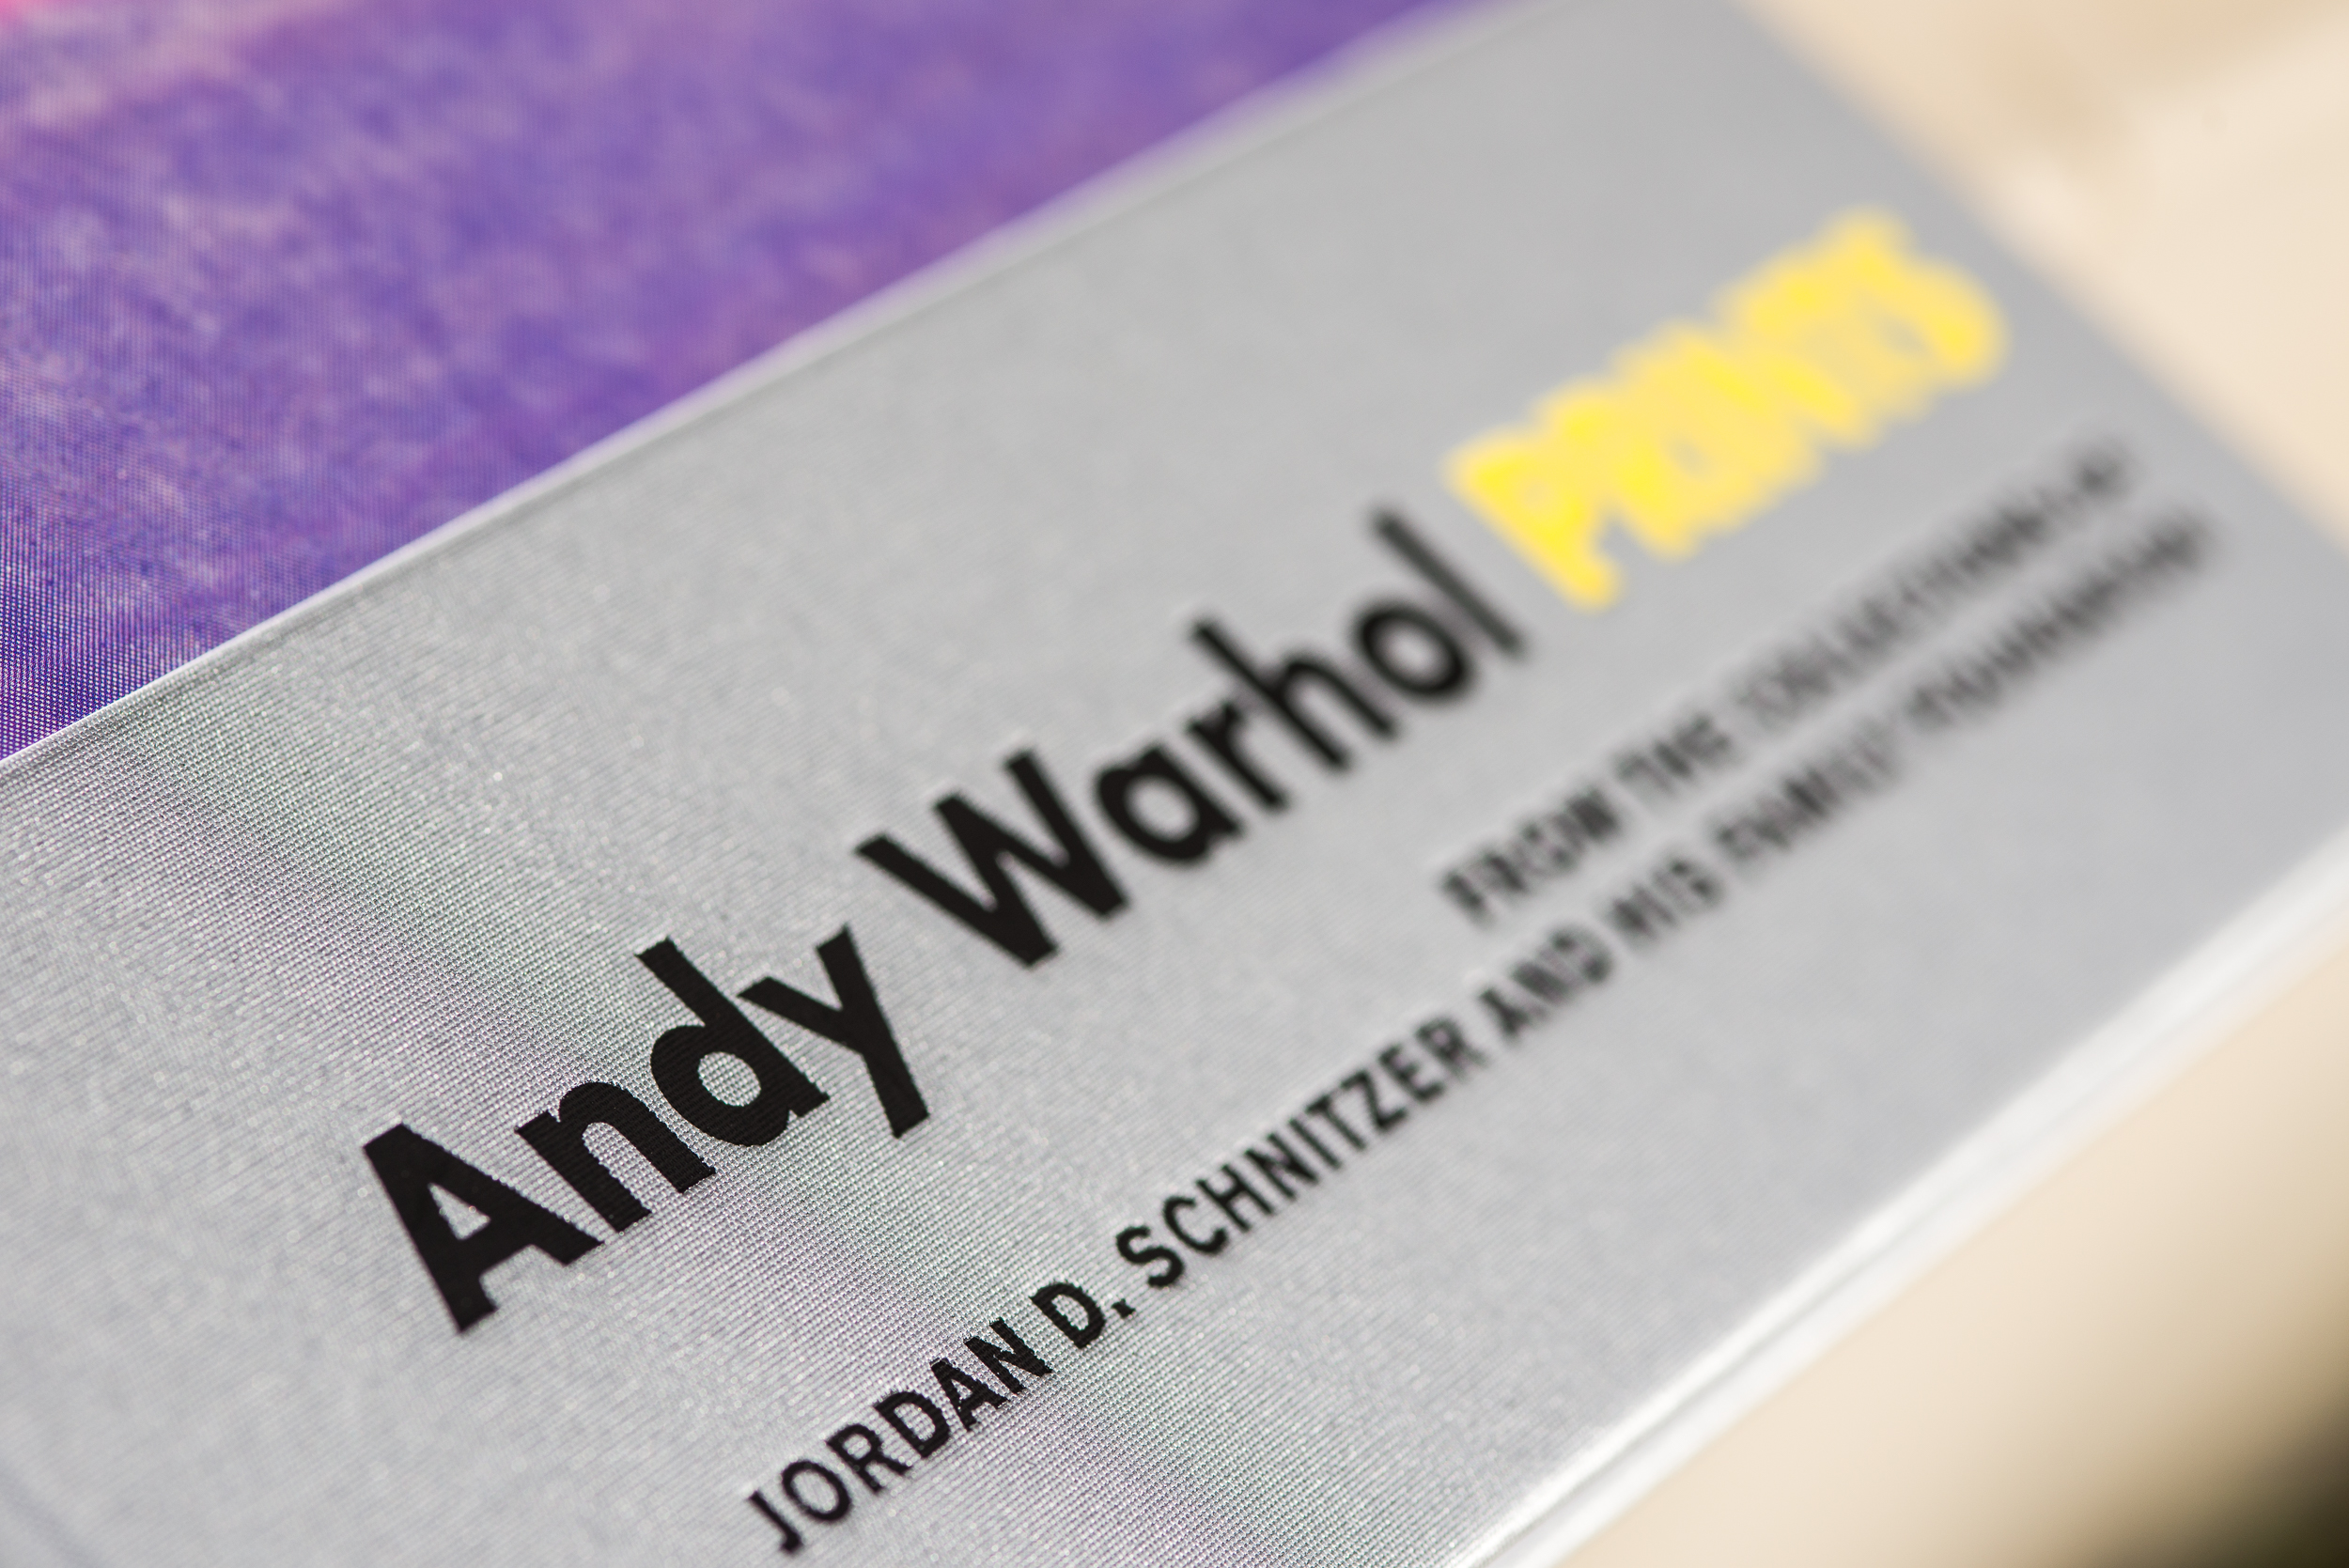 Warhol-book_2016-09-23-4824.jpg